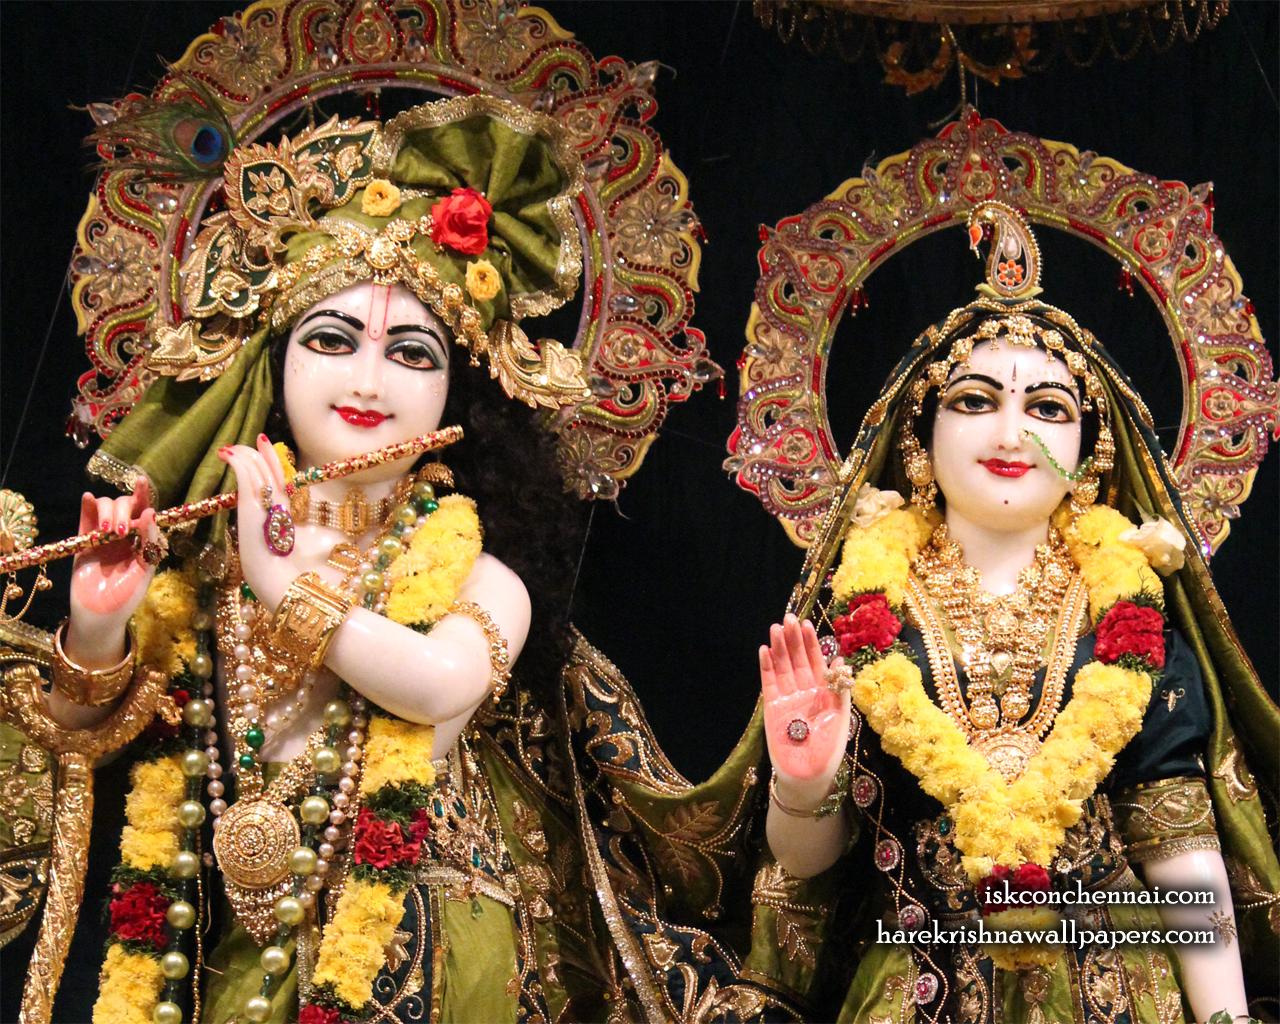 Sri Sri Radha Krishna Close up Wallpaper (017) Size 1280x1024 Download